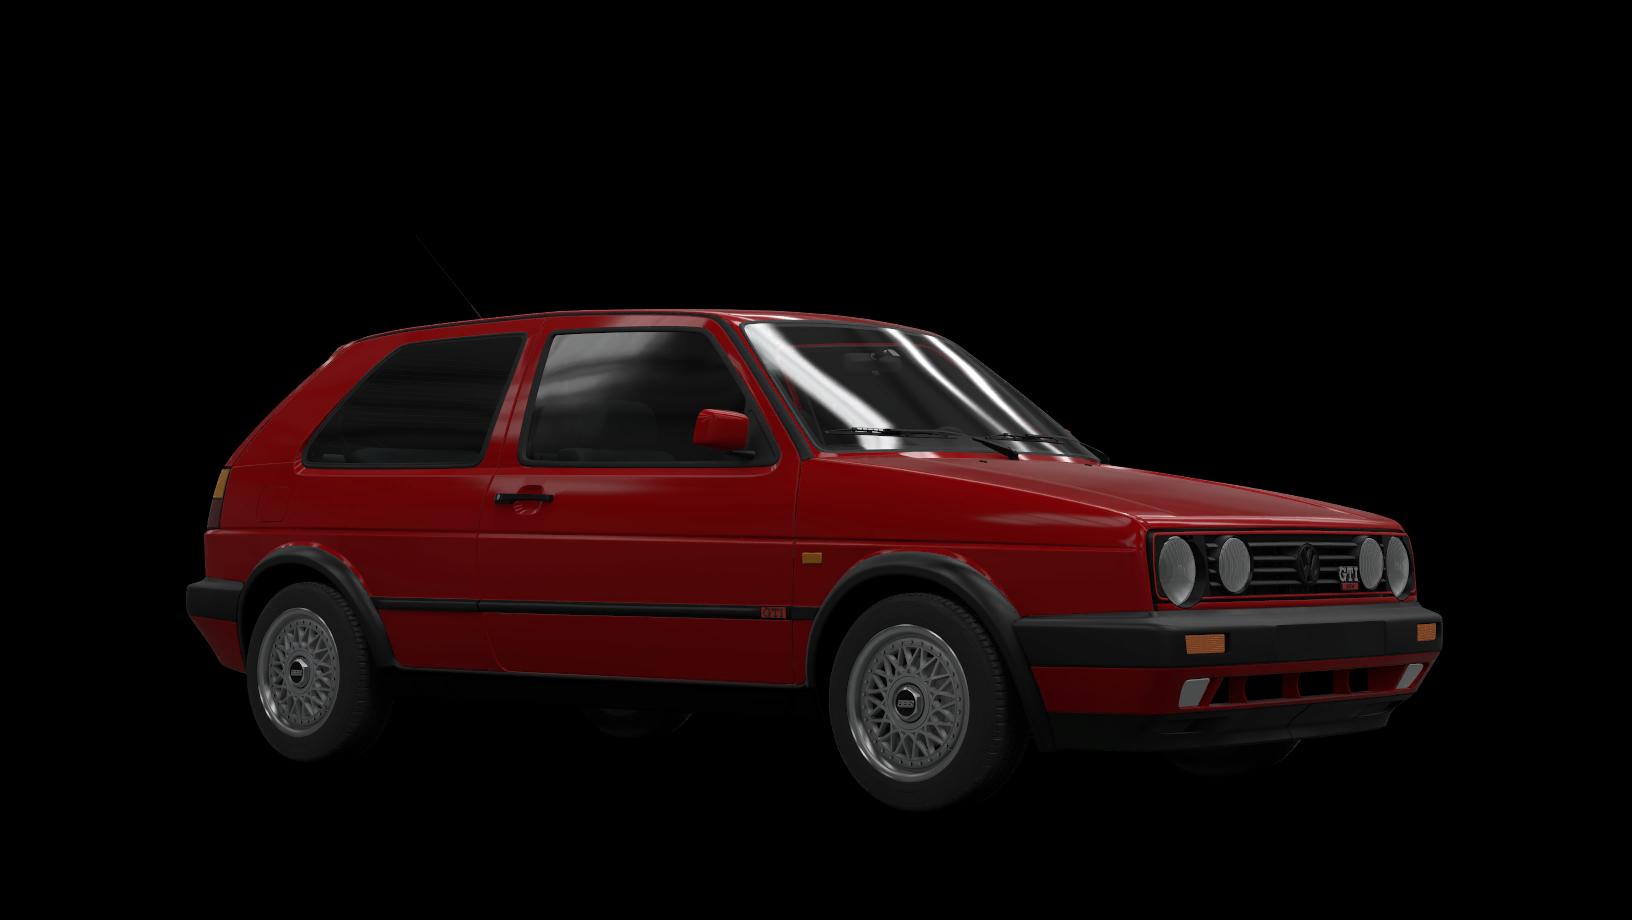 Volkswagen Golf Gti 16v Mk2